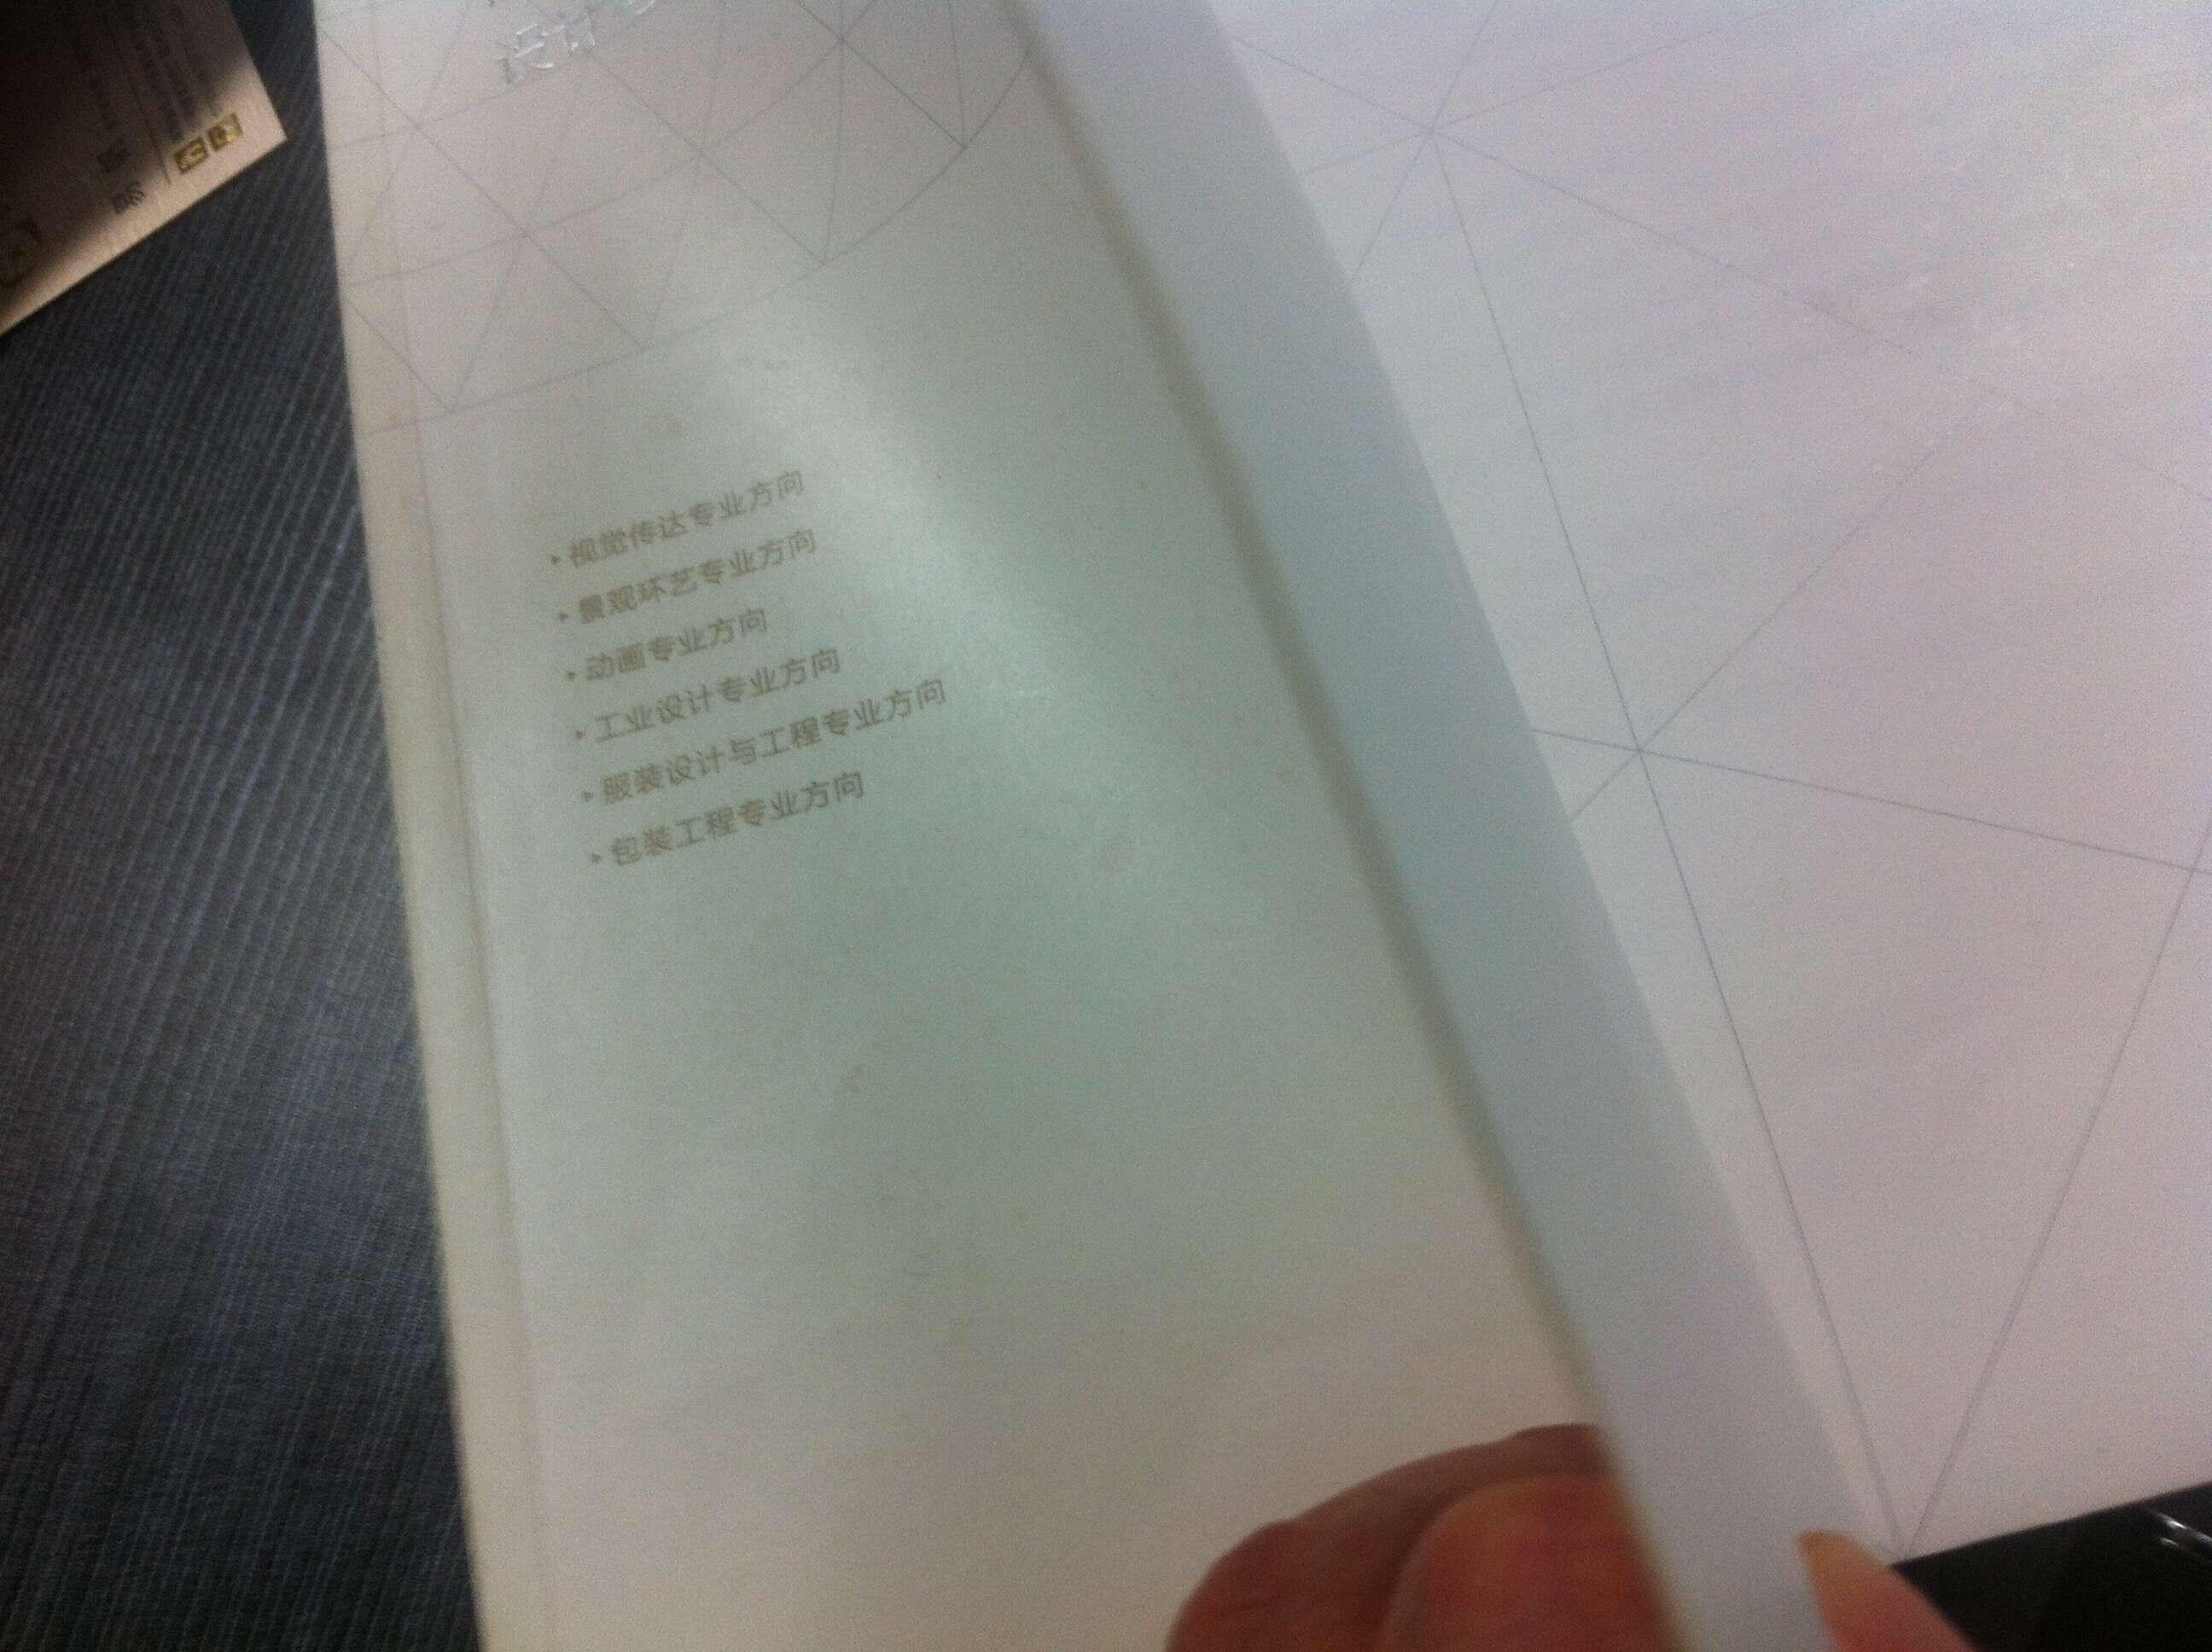 皇家金堡娱乐城内占地达十一万平方米的会展场地,面积是 香港会展中心的两倍,但参展费用只是香港的一半。开业后,该中心将举办系列会议展览活动,包括十月中旬.中国地方概览_中国网QQ飞车白金神兽怎白金神兽么得_QQ飞车白金神兽属性介绍 - 游戏攻略 - 格子啦